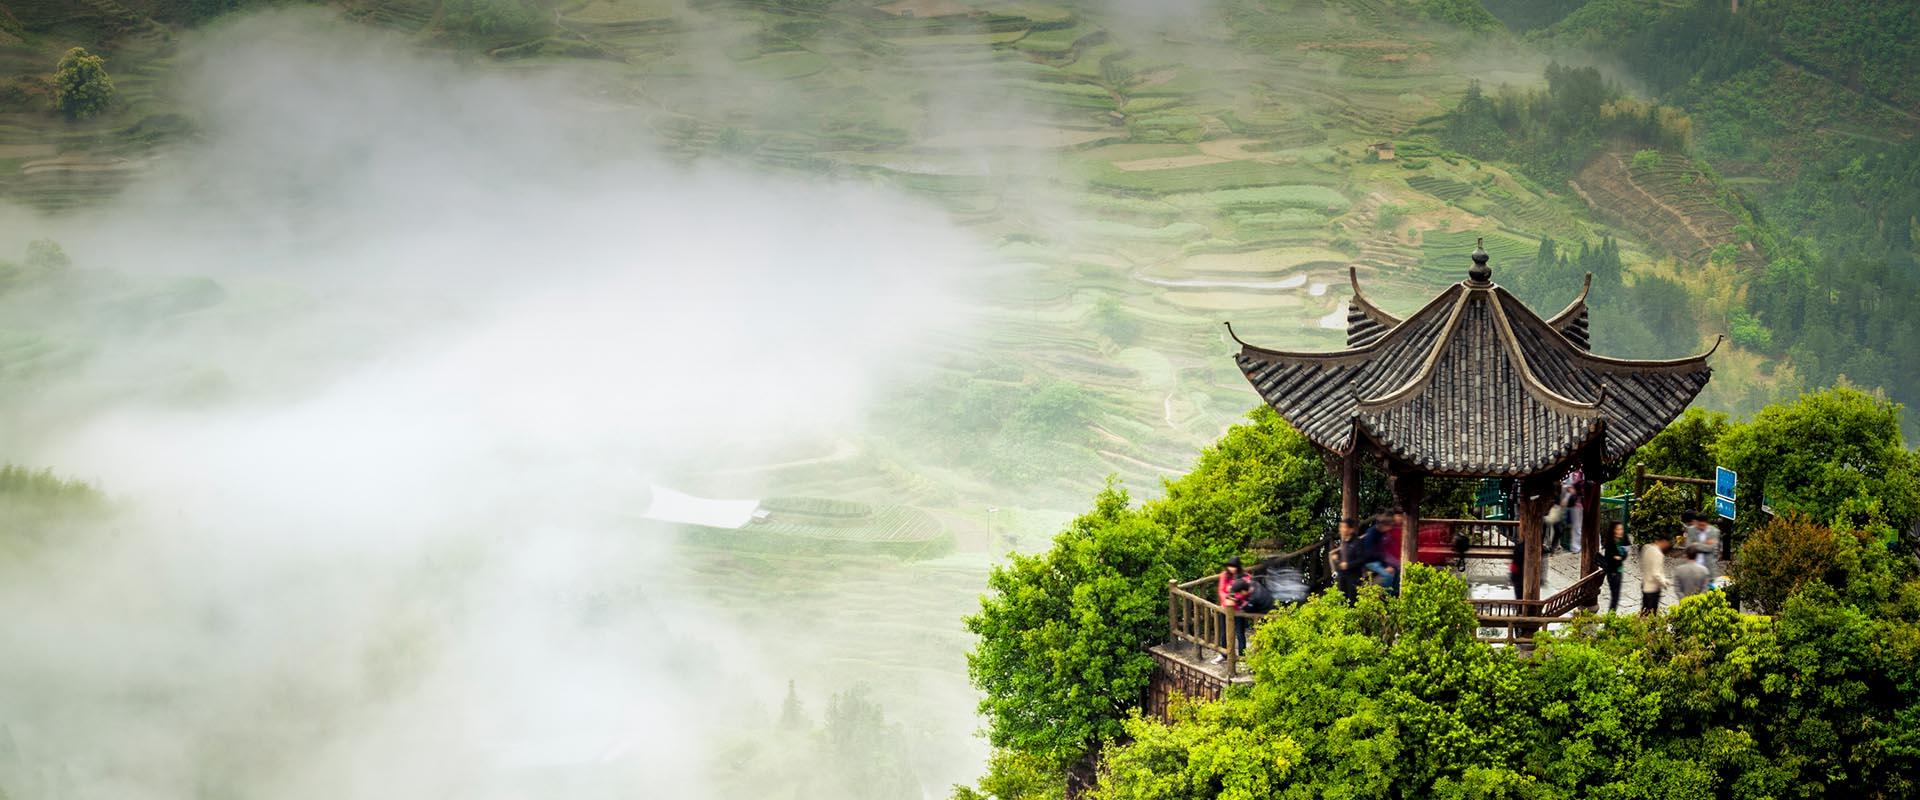 China Public Holidays 2018 Publicholidays Cn